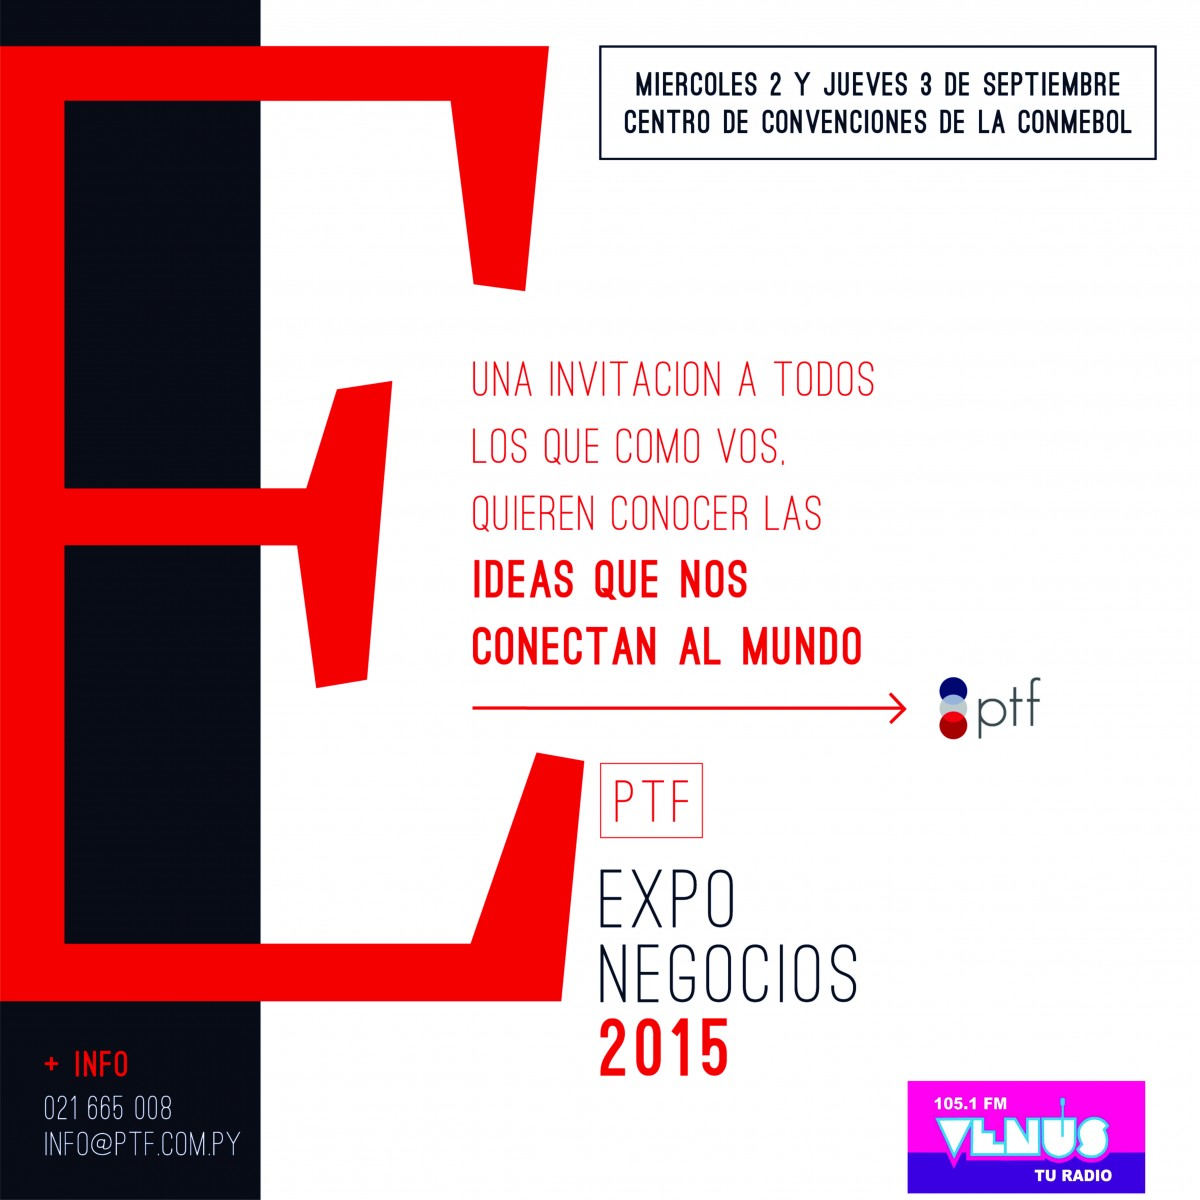 Ya se acerca ExpoNegocios 2015